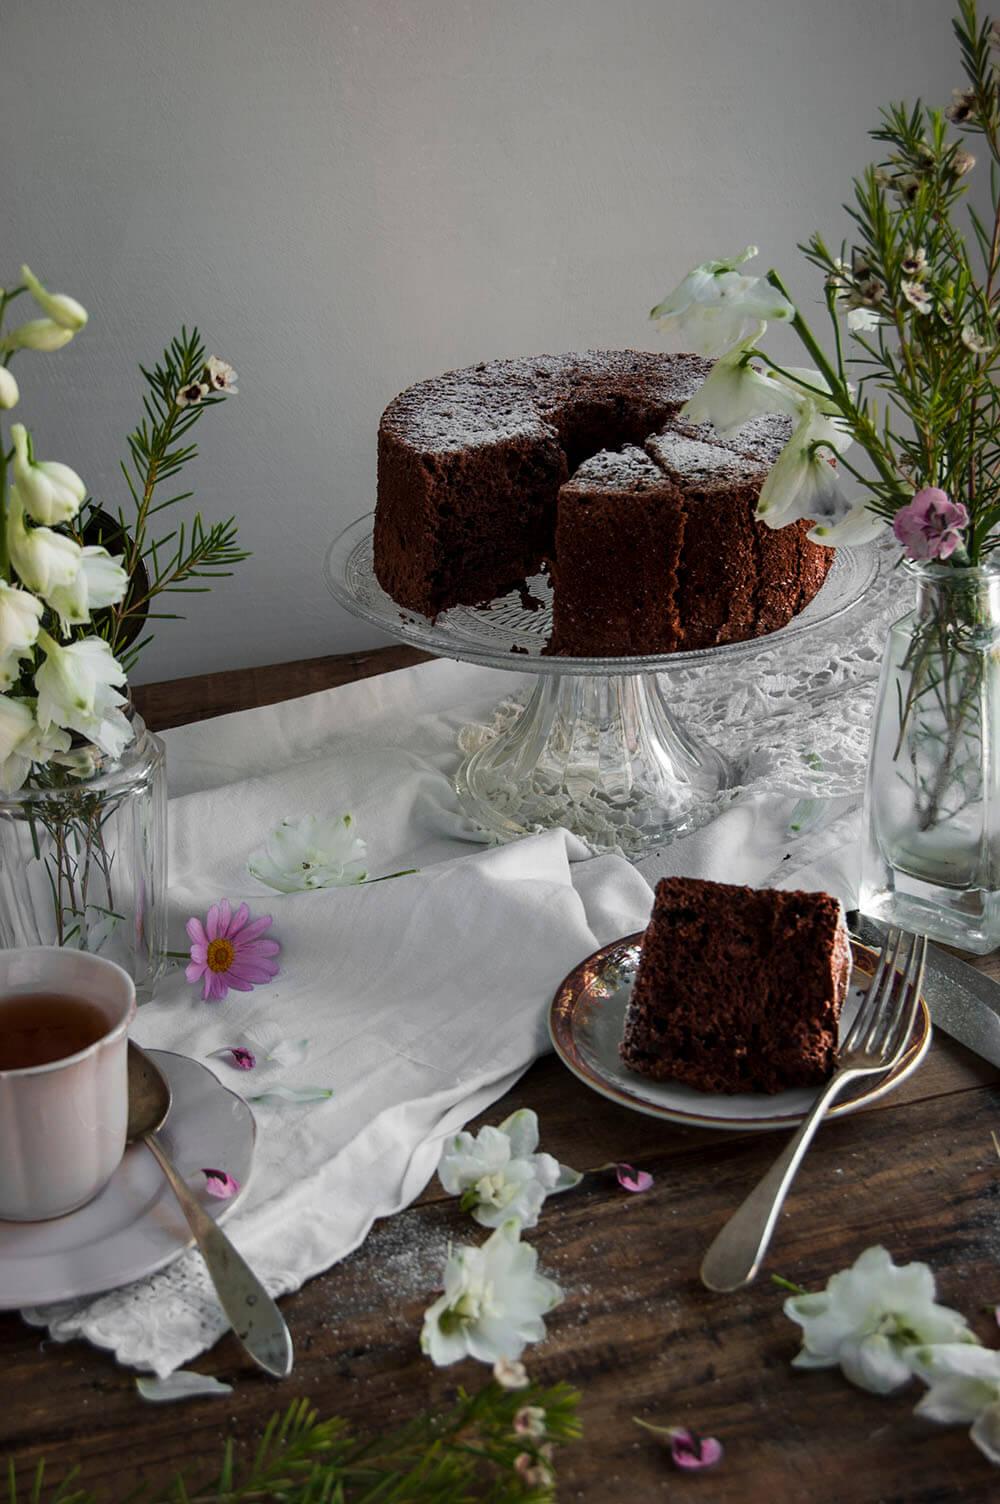 como hacer angel food cake de chocolate